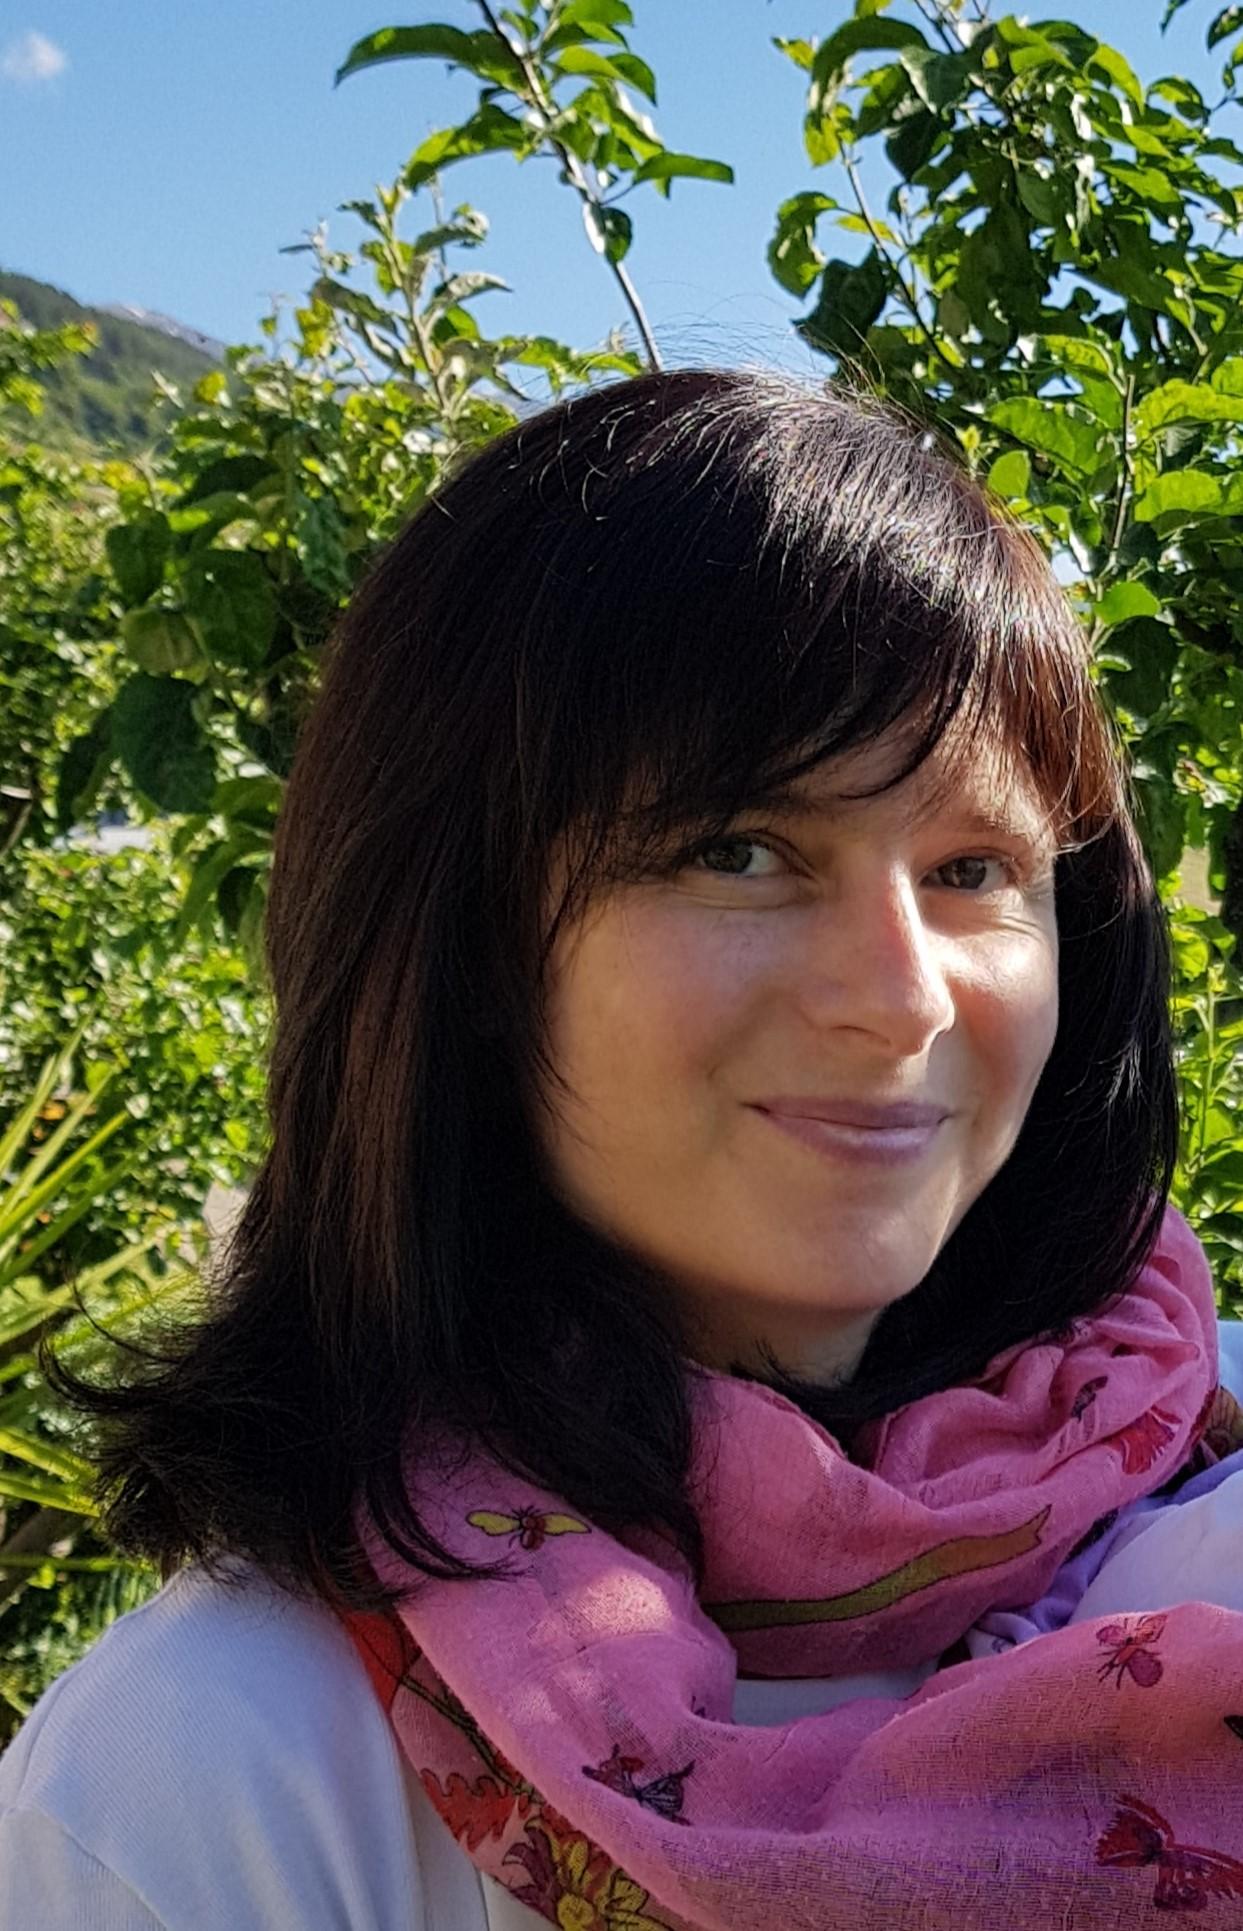 Astrid Gläserer